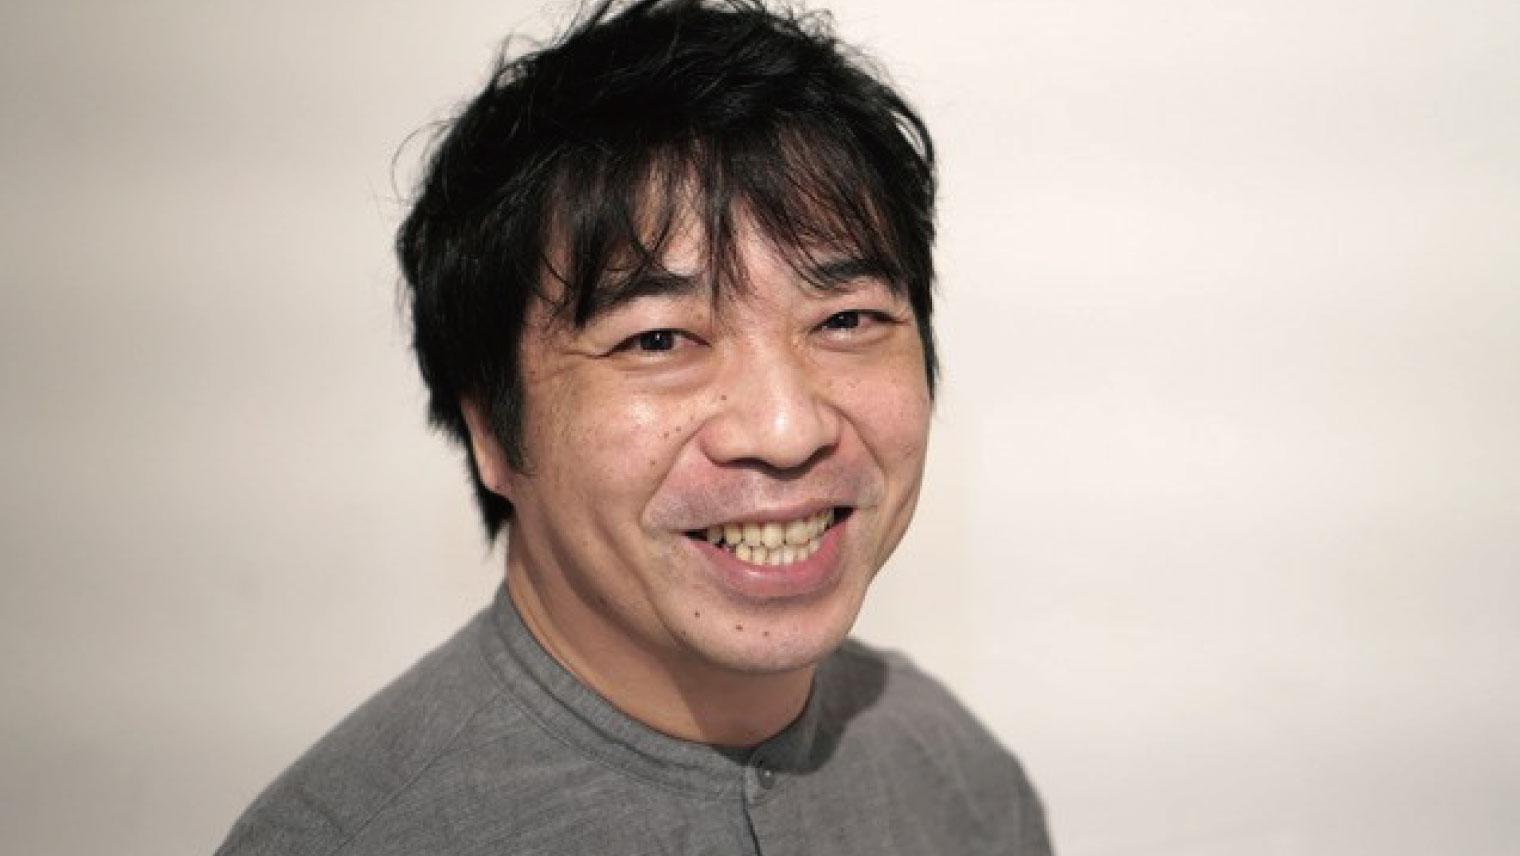 東京藝術大学 美術学部 デザイン科 准教授 鈴木太朗さん